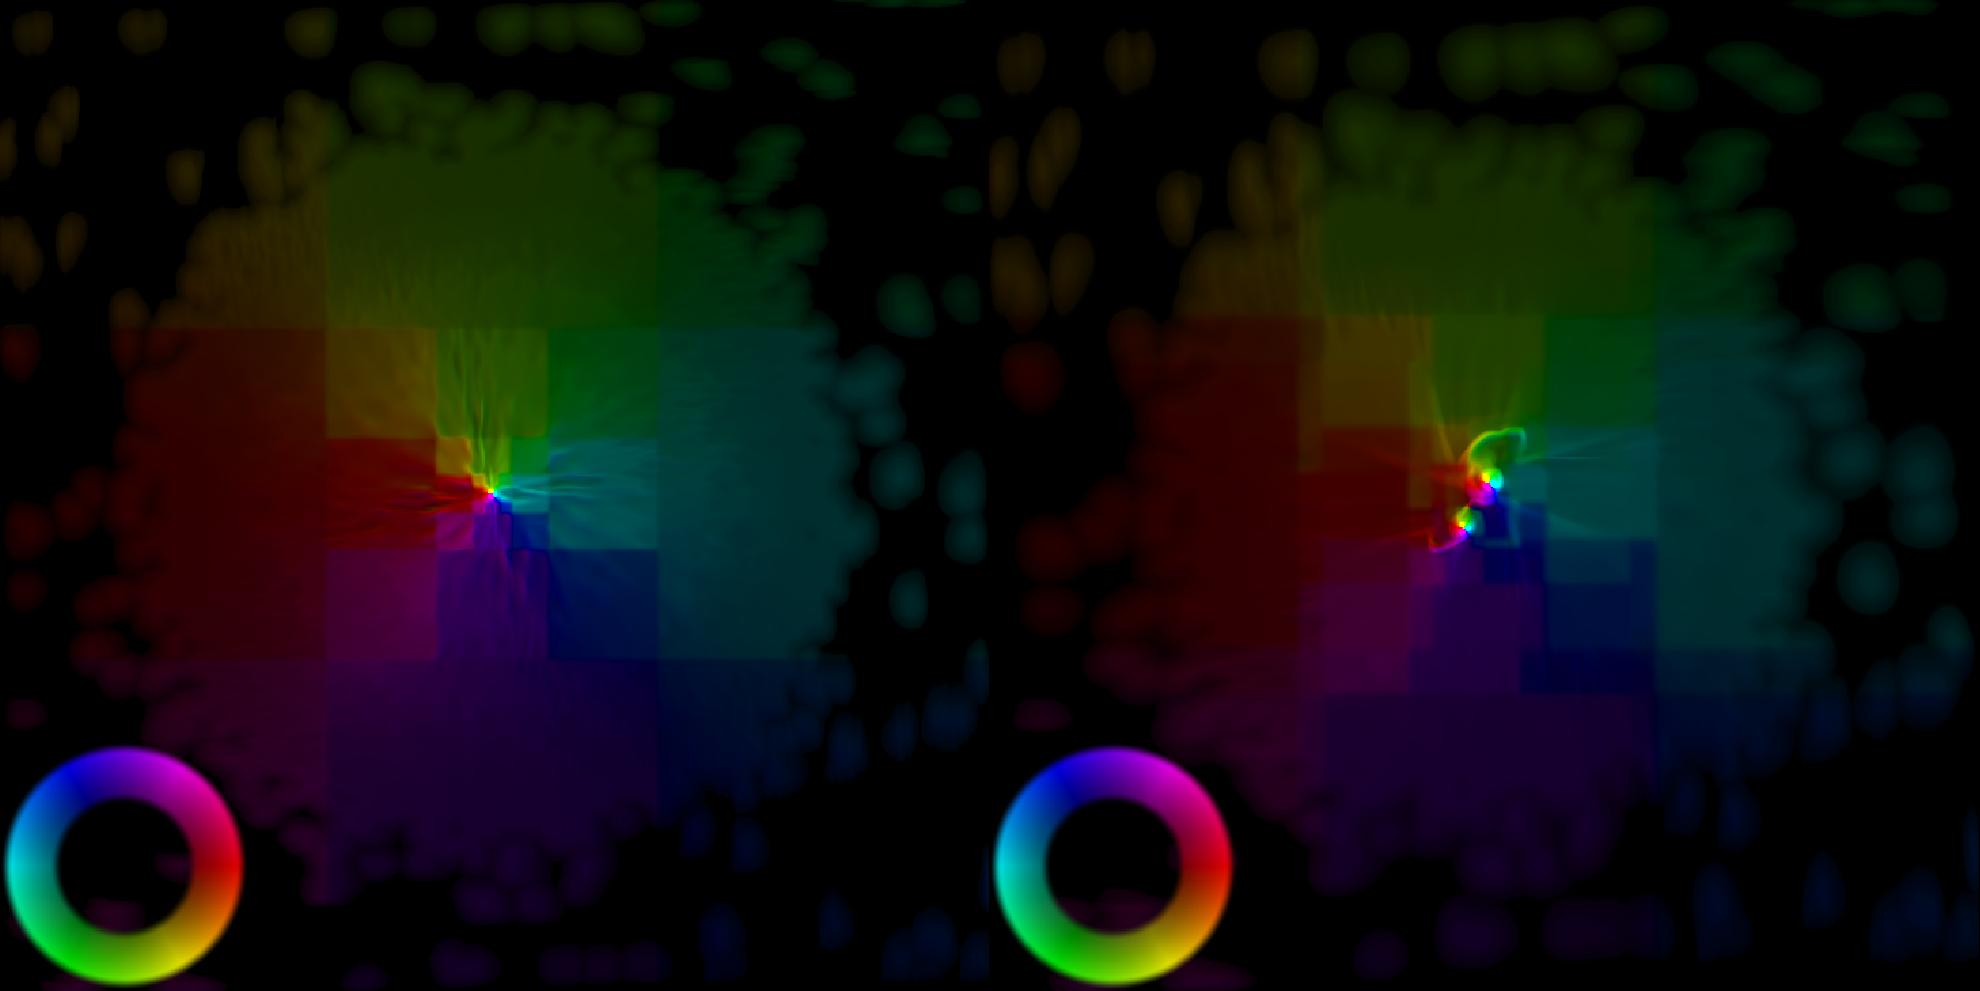 Вычисление центра масс за O(1) с помощью интегральных изображений - 11